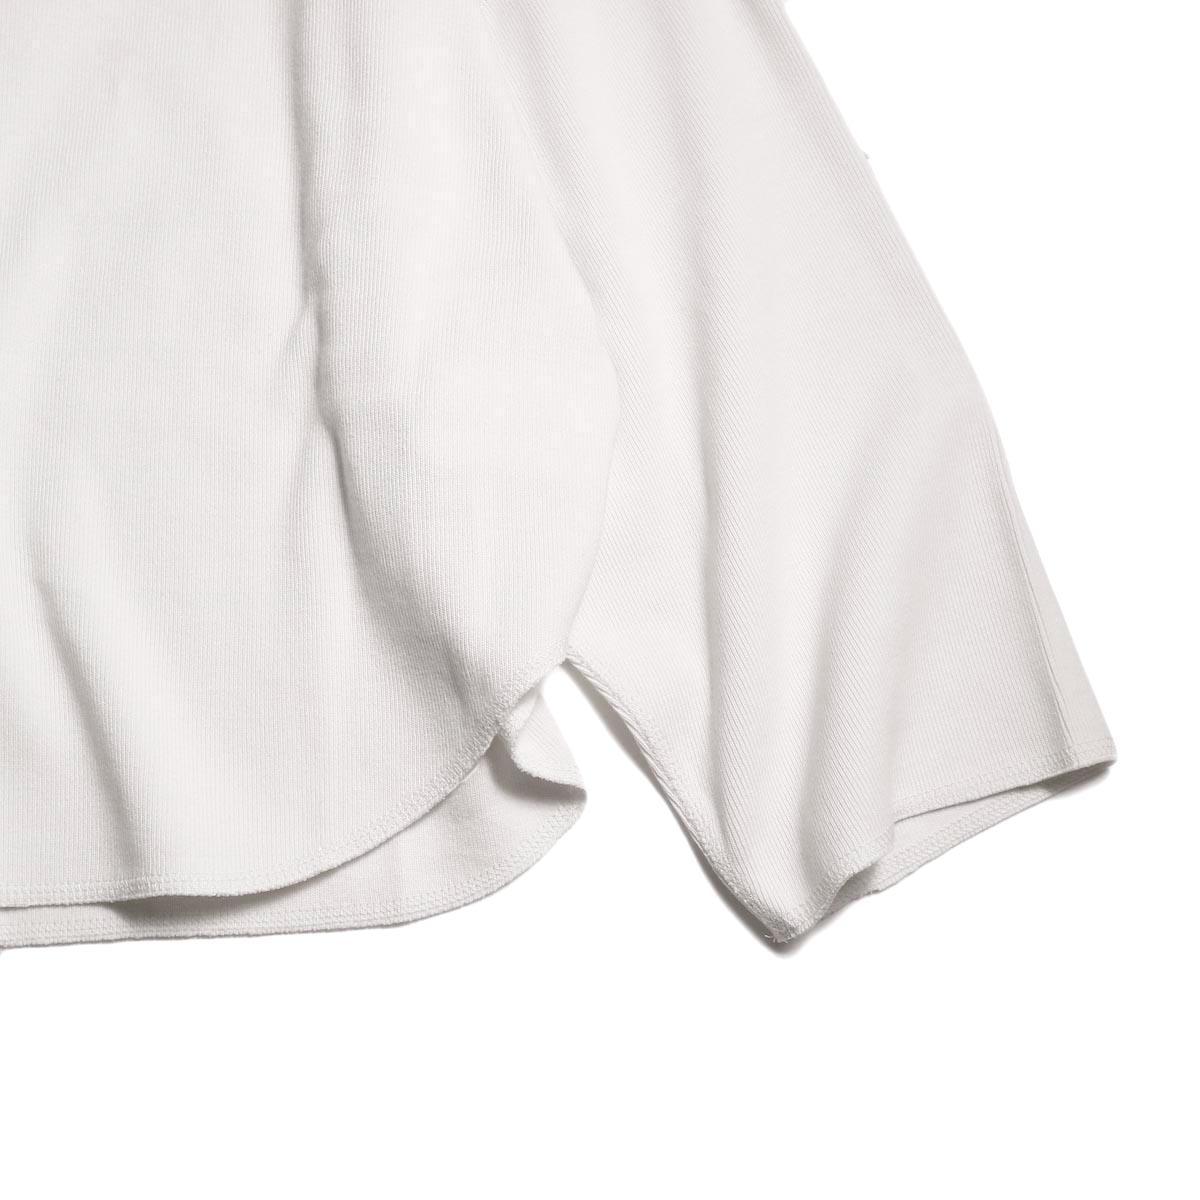 YLEVE / CTN RIB P/O (White) 裾、オーバーロック